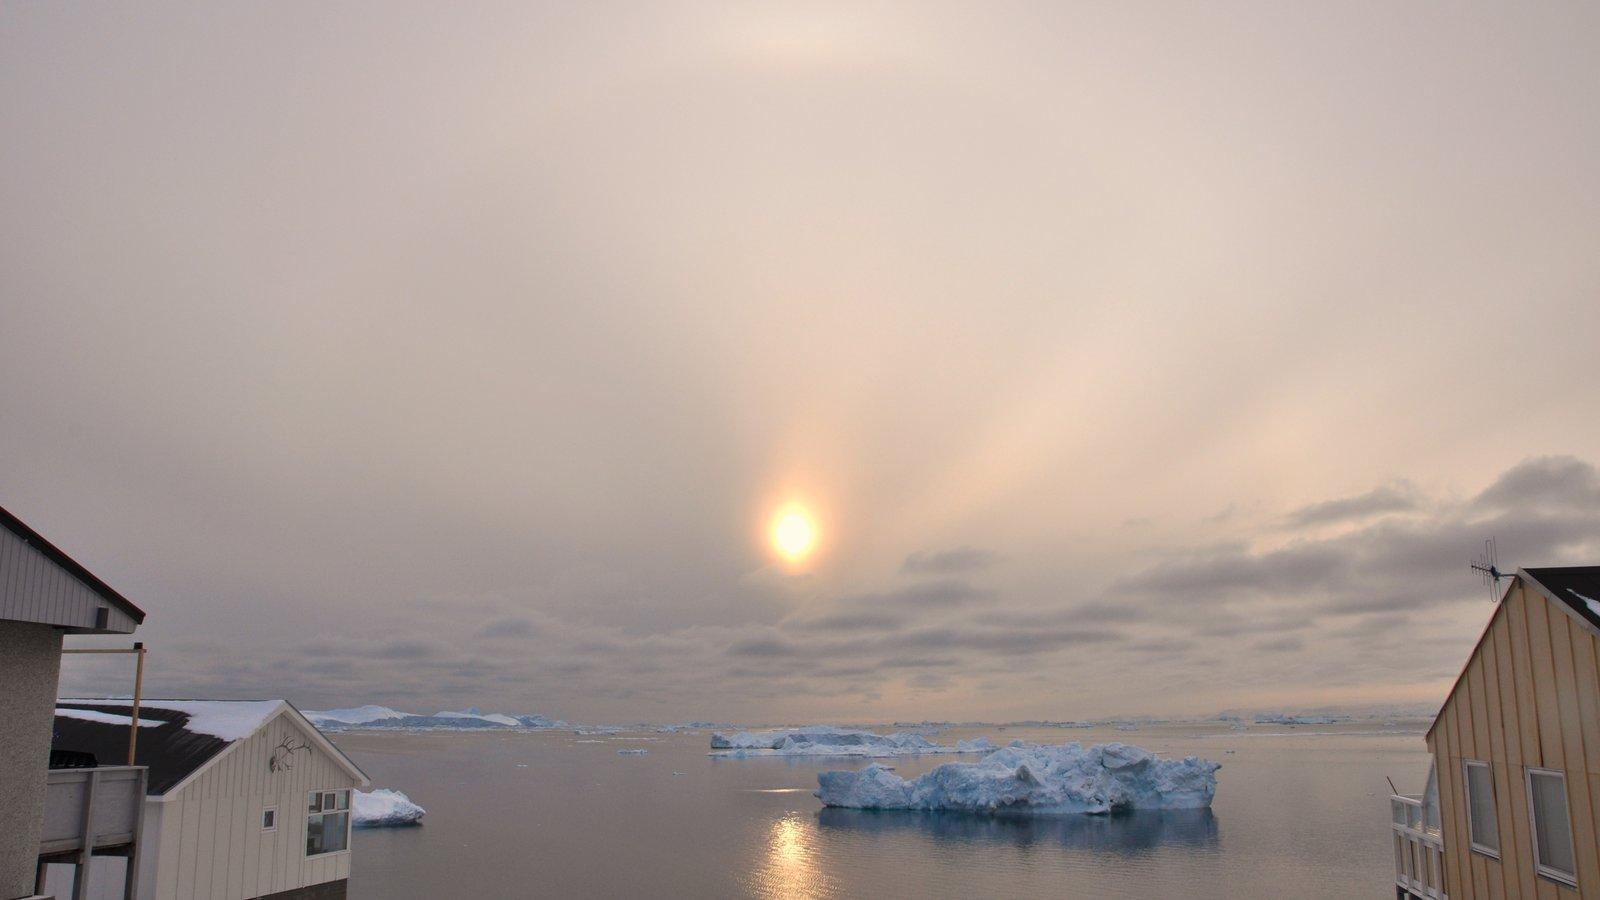 Ilulissat que incluye vistas generales de la costa y nieve